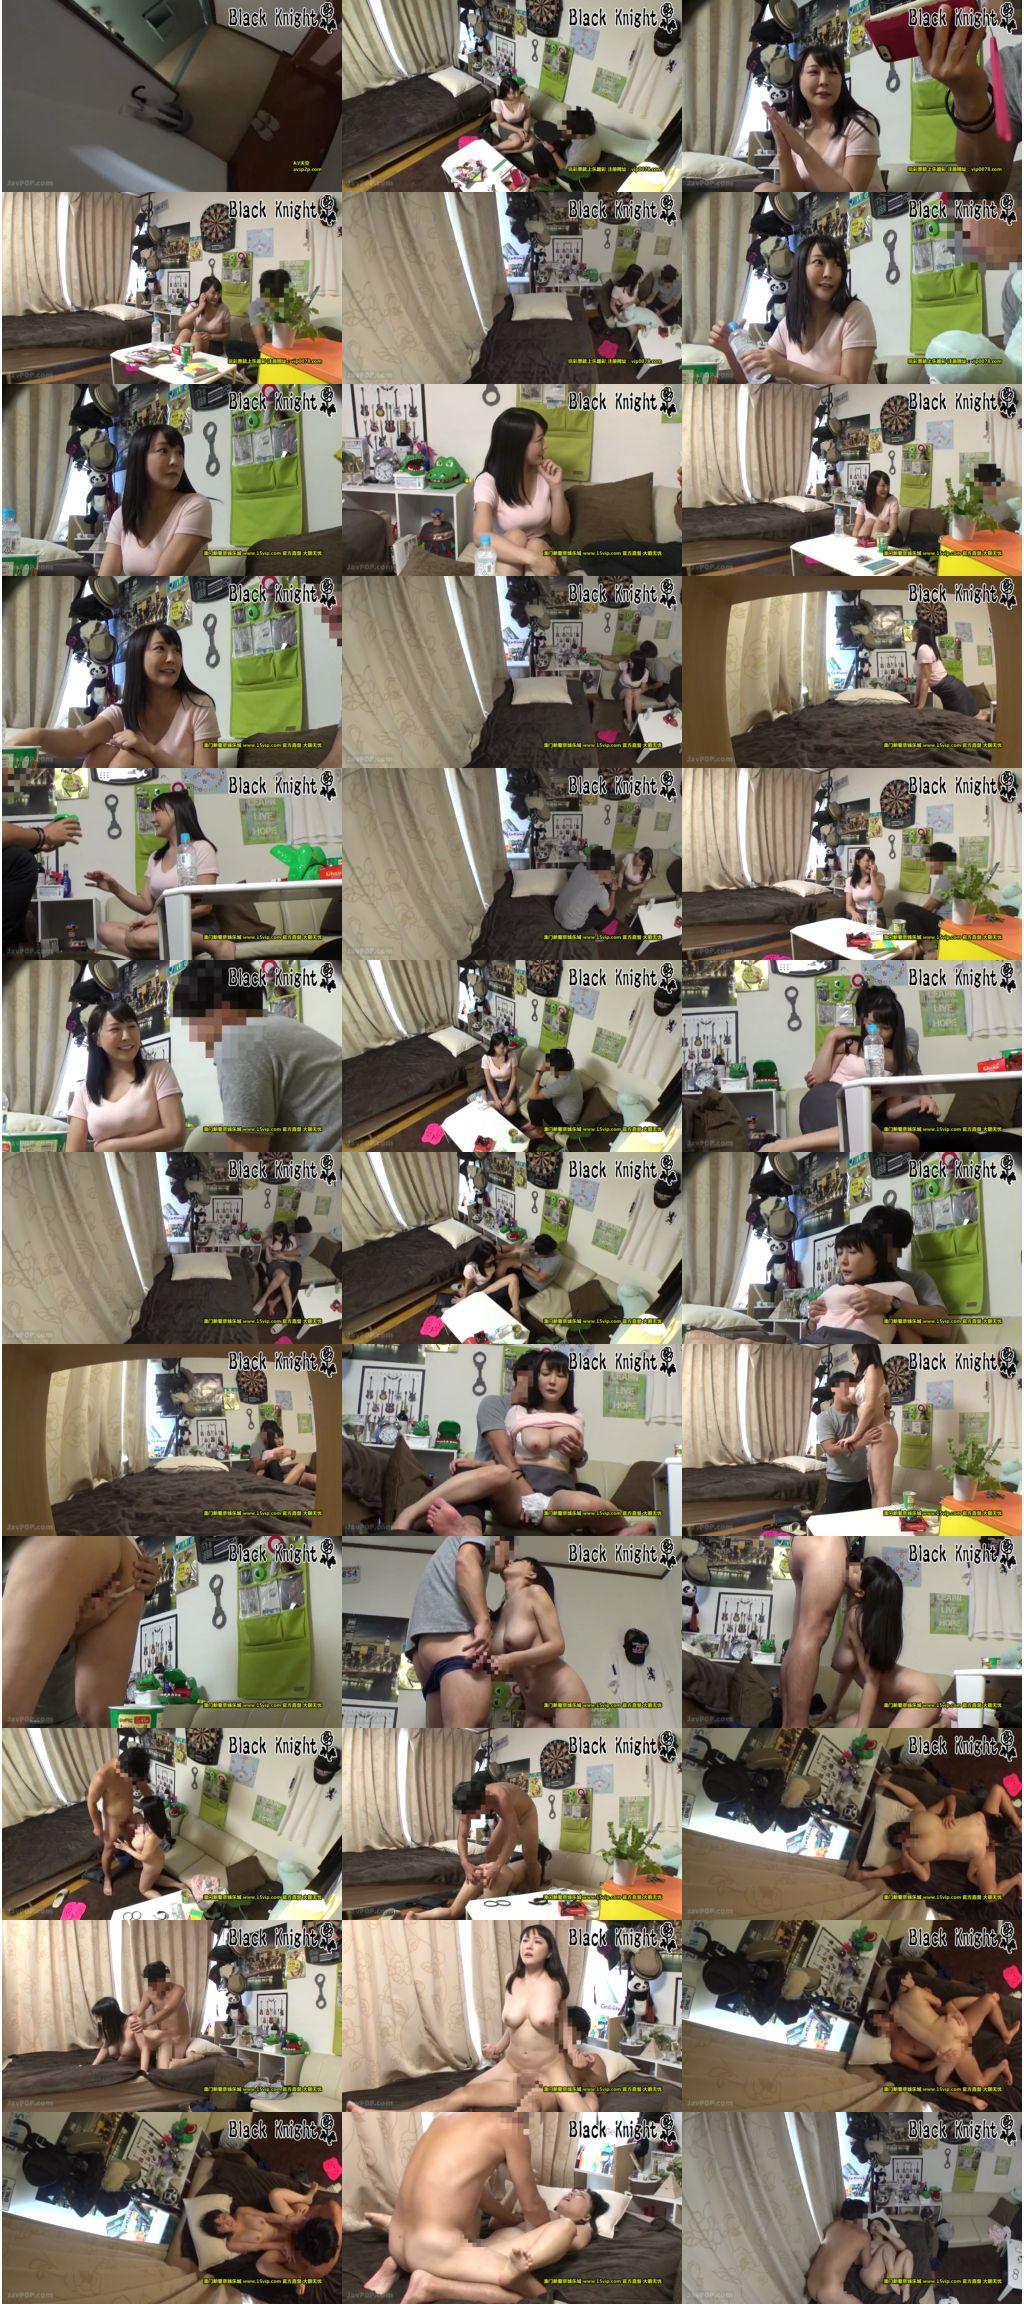 [FC2_PPV-1152602] 個撮】ナンパで捕獲したIカップの超グラマー人妻を自宅へお持ち帰り。超敏感な天然パイパンまんこ刺激し尽くされ爆乳を大きく揺らし痙攣失神する流出映像 なみさん1児の母29歳 153cm